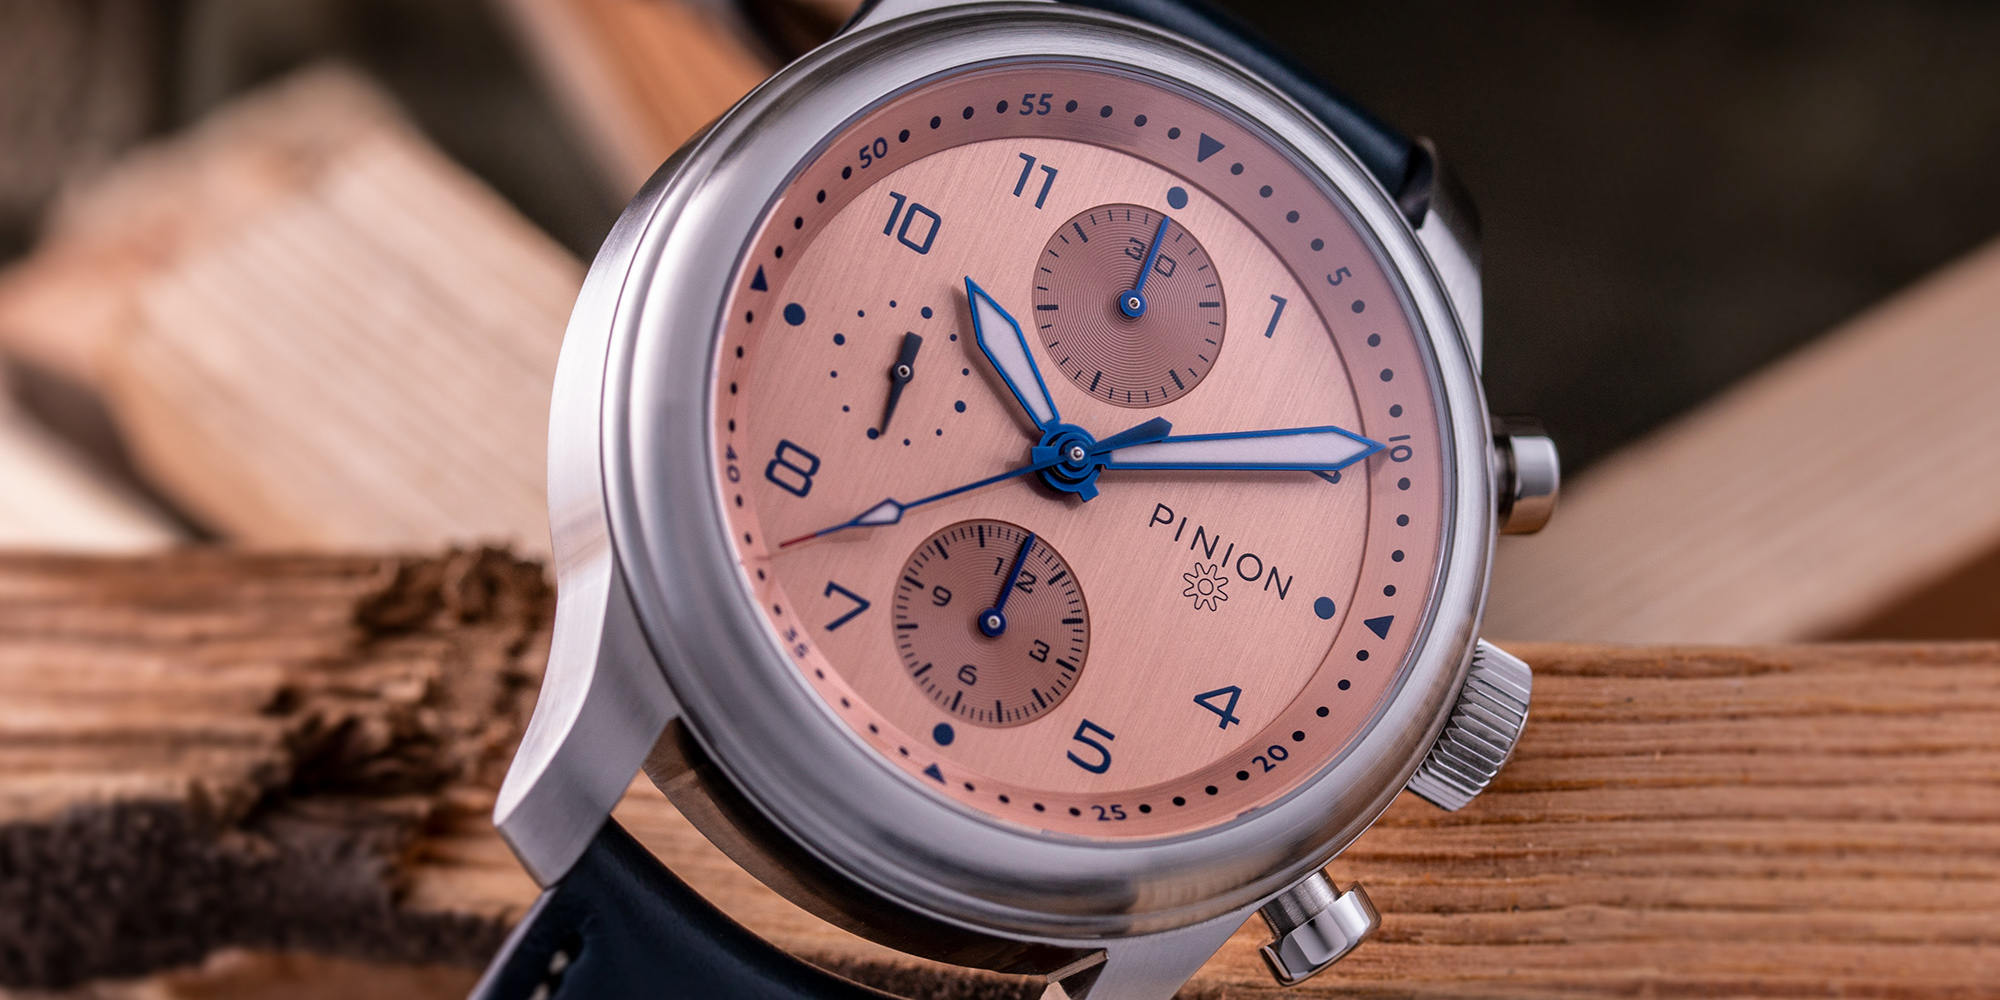 pinion-elapse-salmon-dial-chronograph-001